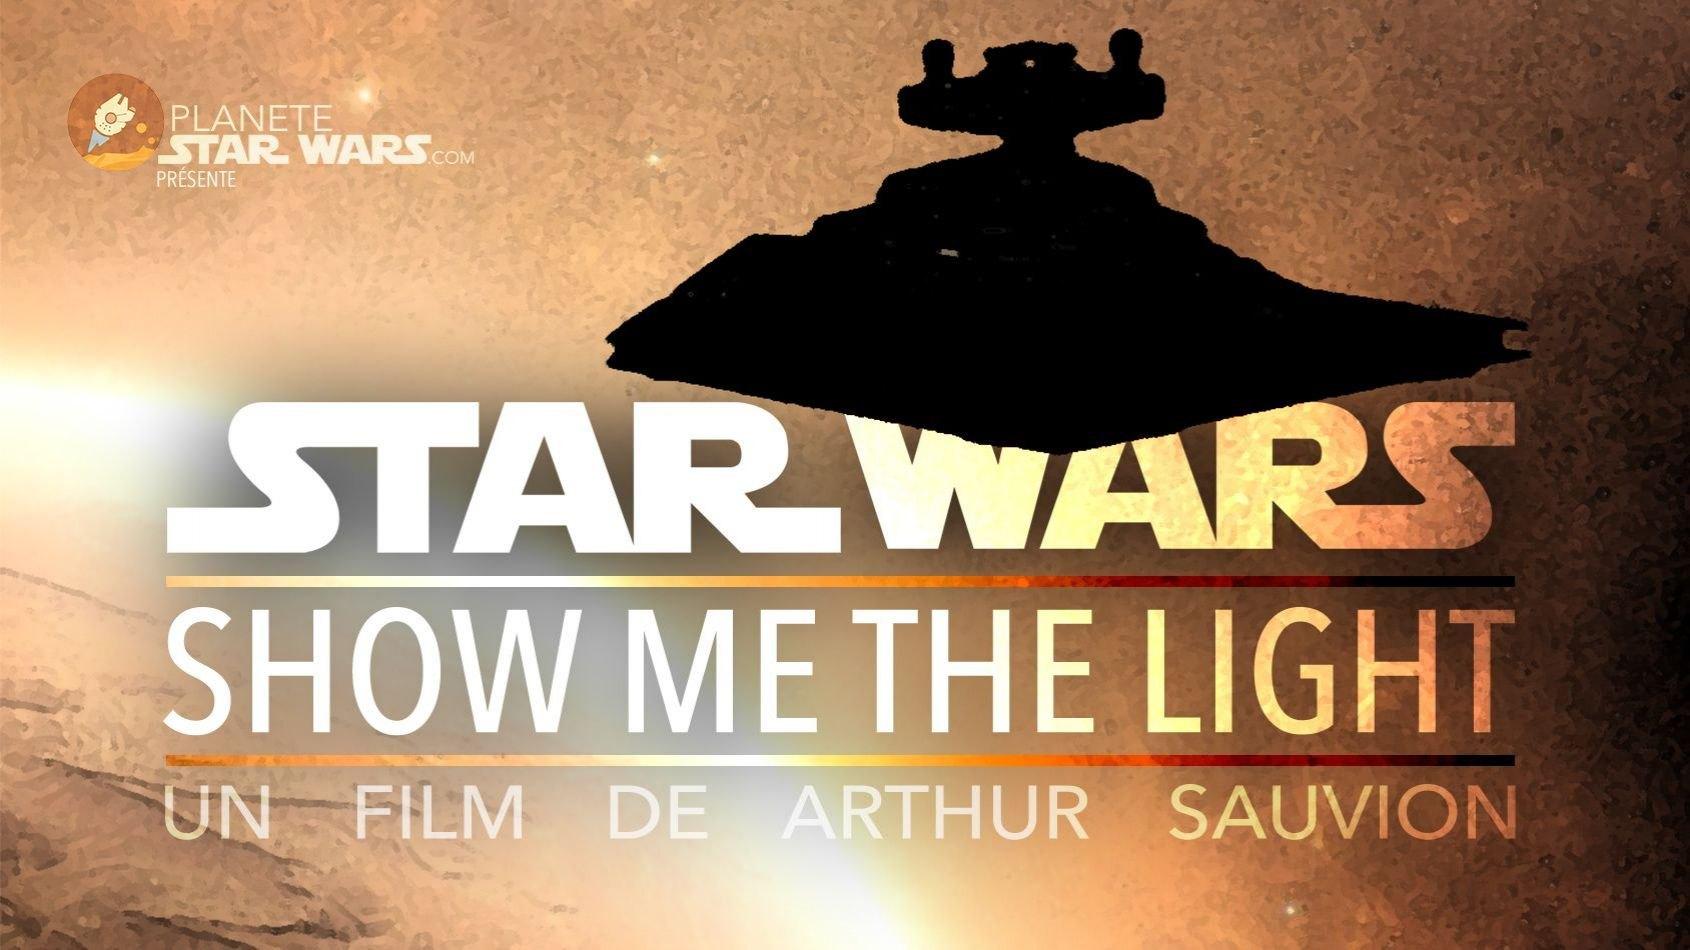 Des nouvelles de Star Wars - Show Me The Light